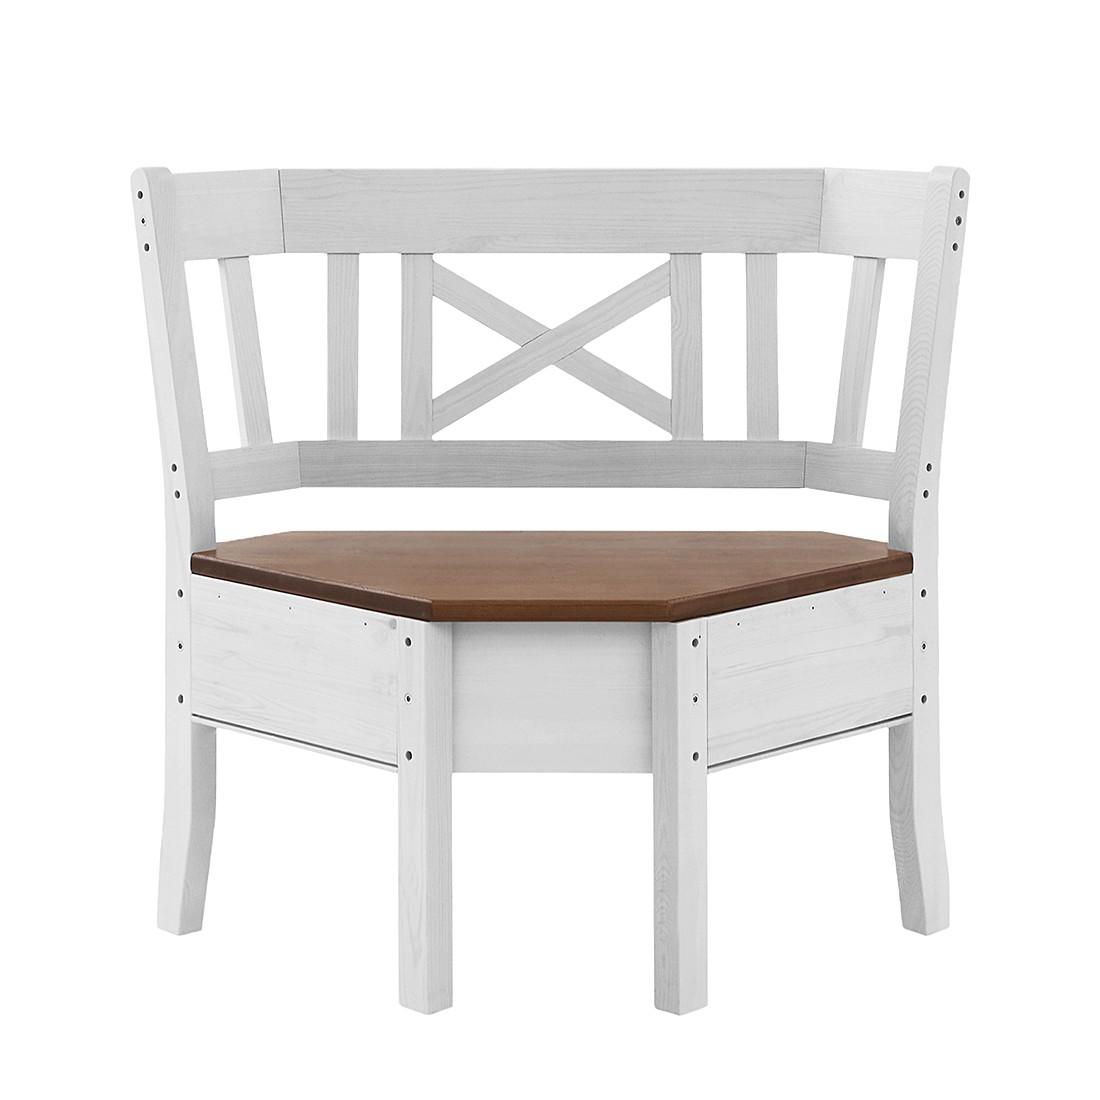 home24 Eckbankelement Fjord | Küche und Esszimmer > Sitzbänke > Eckbänke | Beige | Massivholz - Holz | Maison Belfort